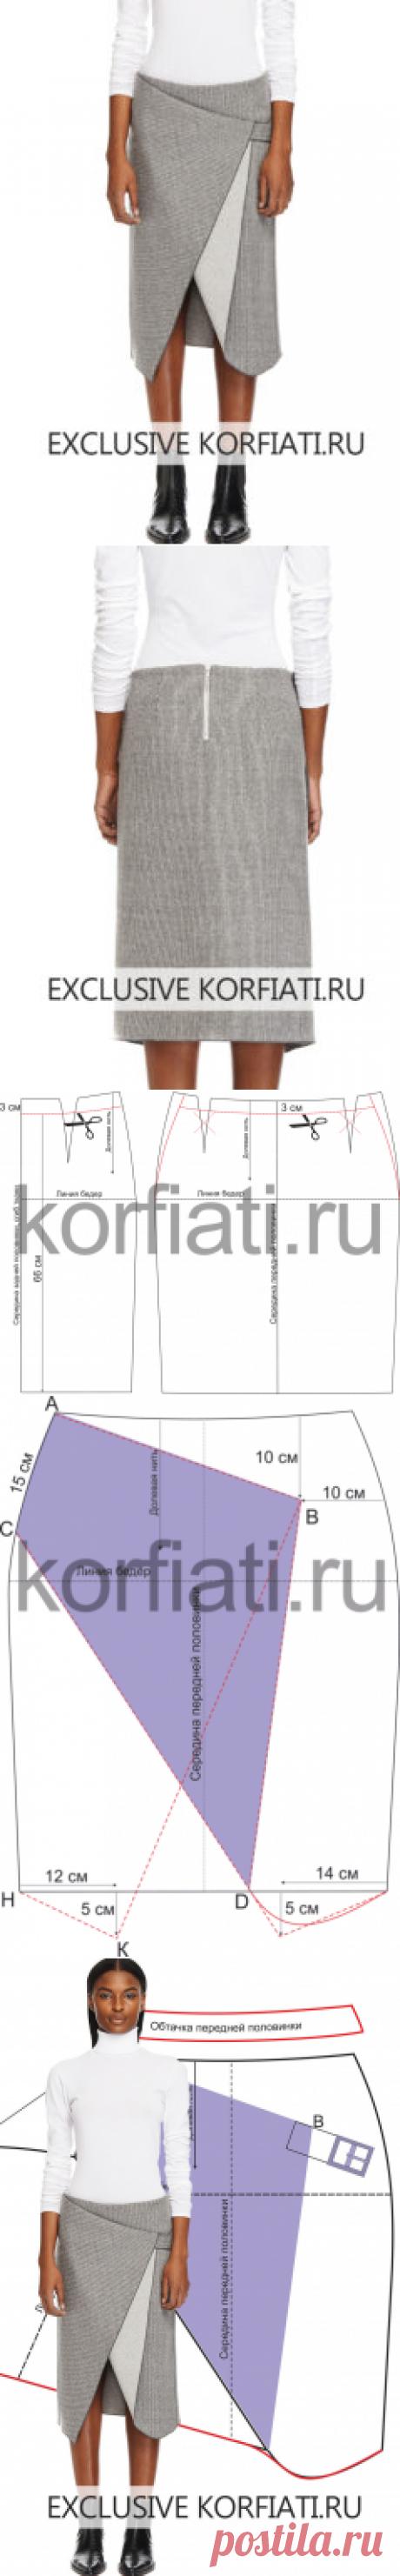 El patrón de la falda del corte no estandartizado de A.Korfiati